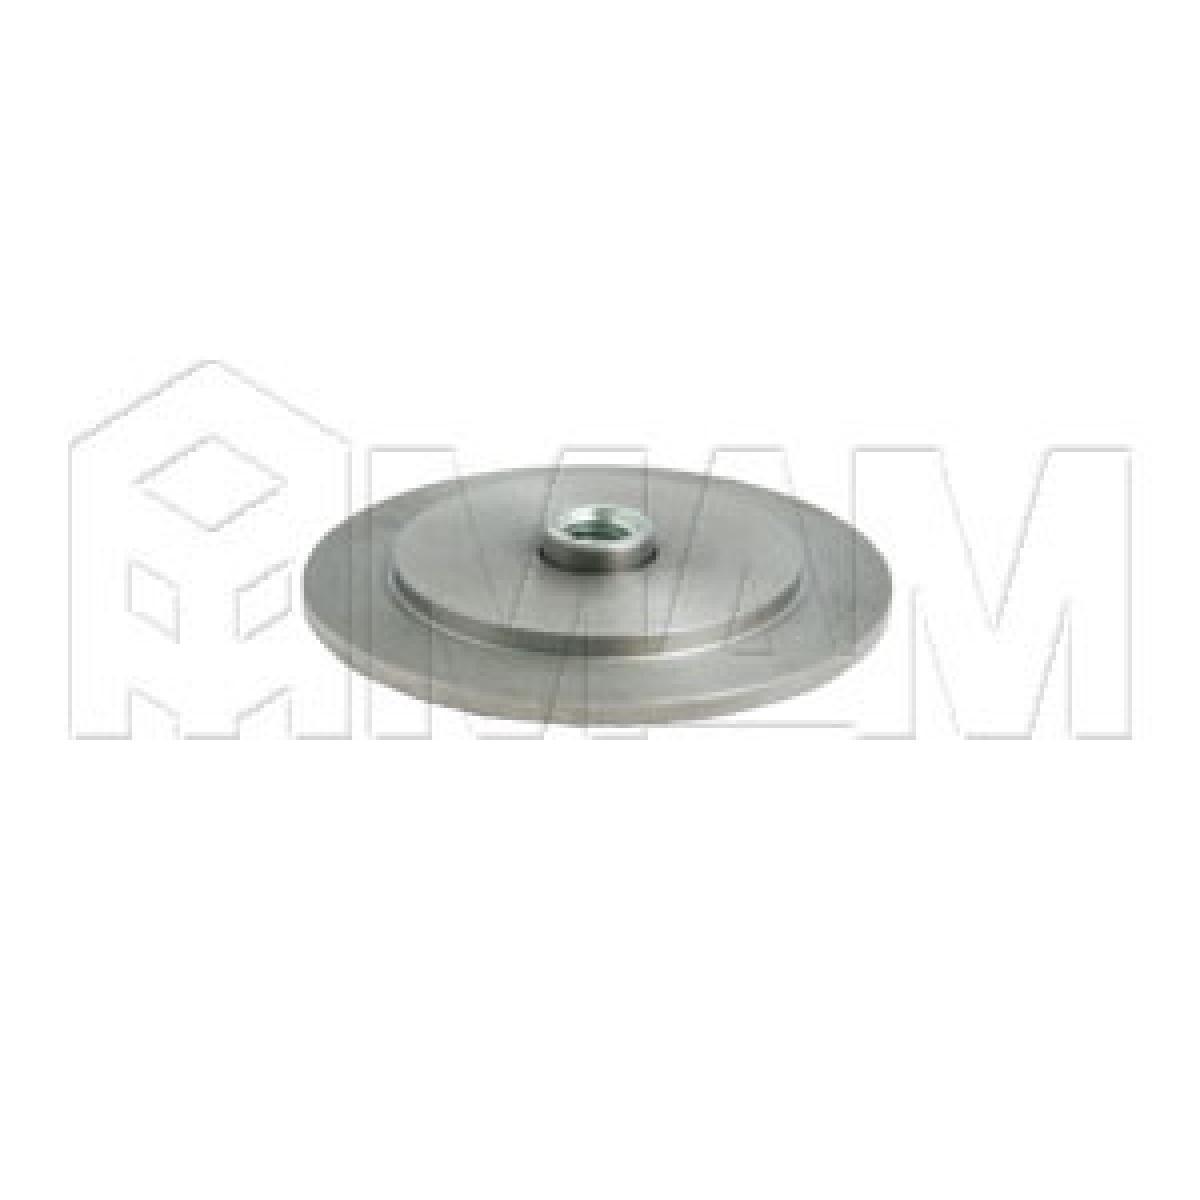 Элемент для клейки стекла на трубу d 50 без винта сталь